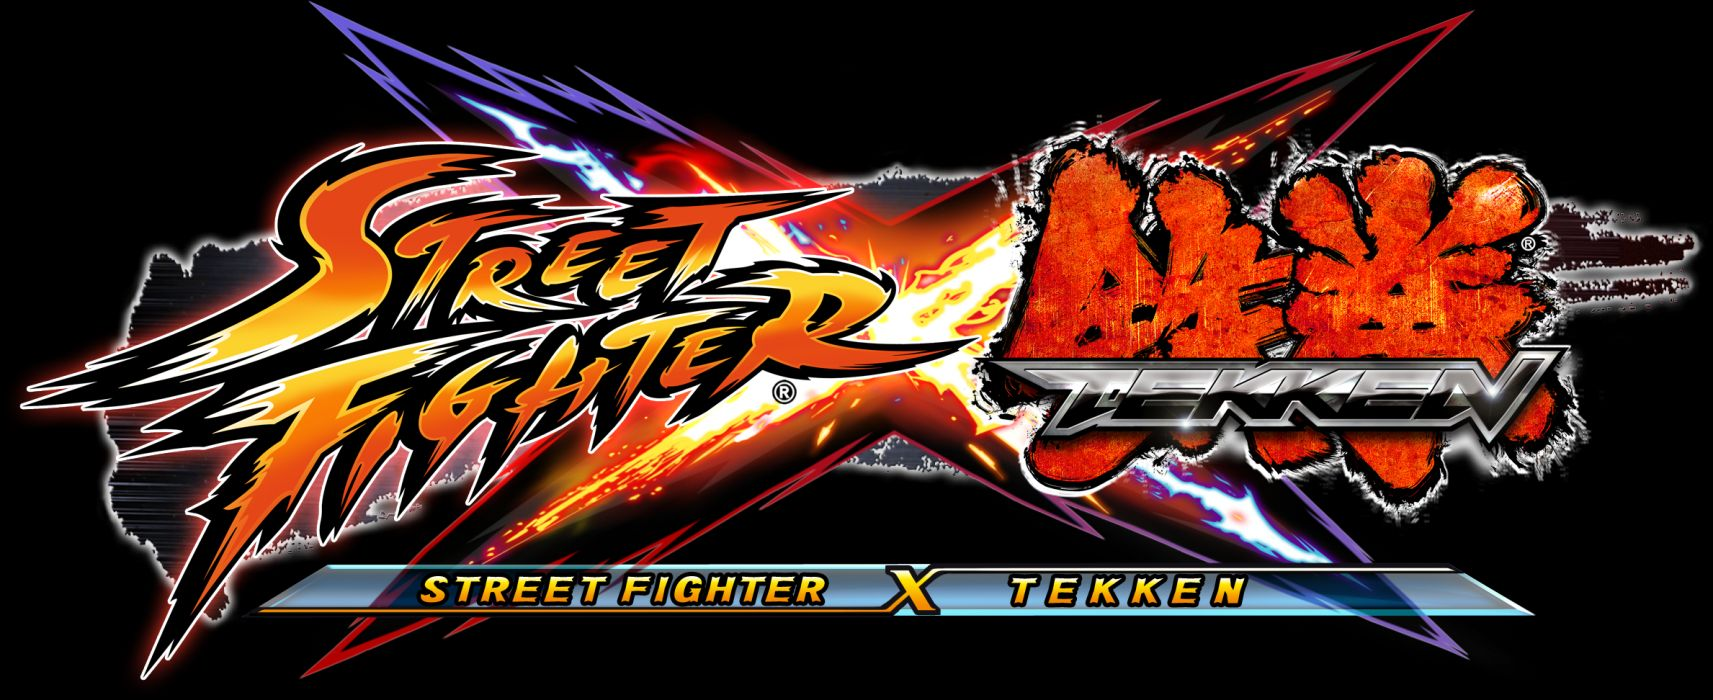 TEKKEN warrior Street Fighter poster   e wallpaper